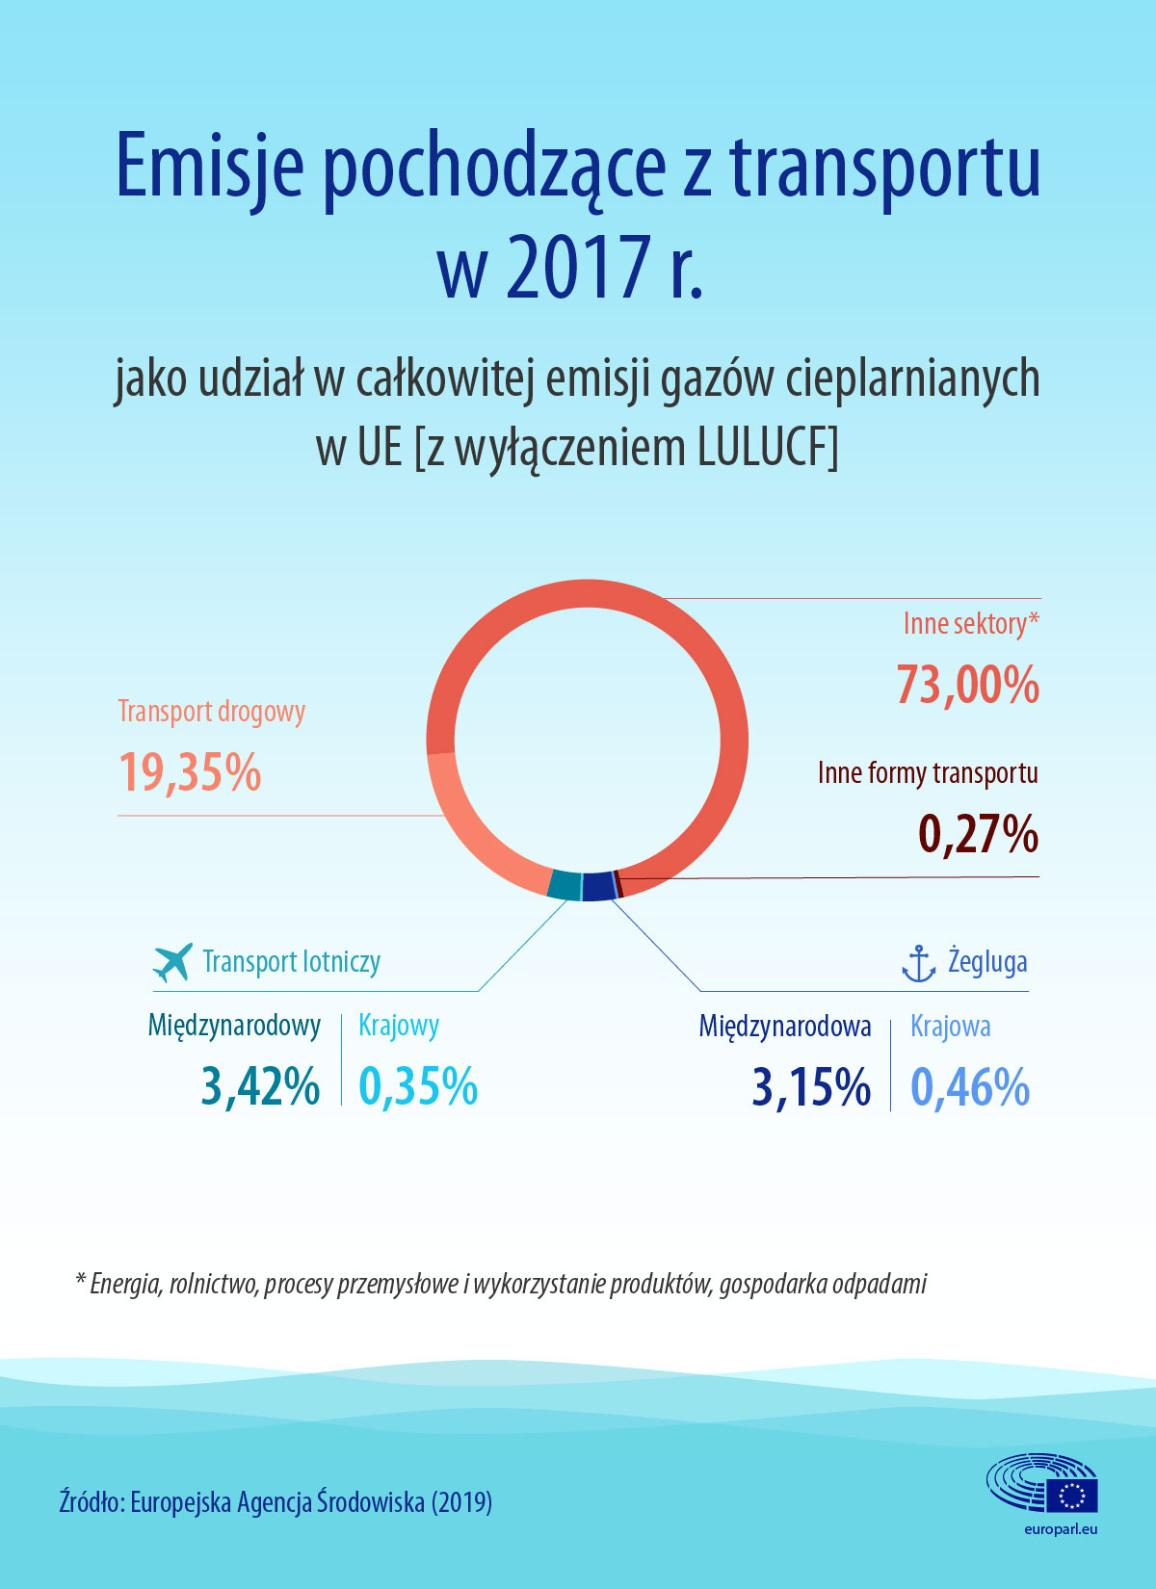 Infografika dotycząca emisji z transportu, w tym z lotnictwa i żeglugi, jako udział w całkowitej emisji gazów cieplarnianych w UE